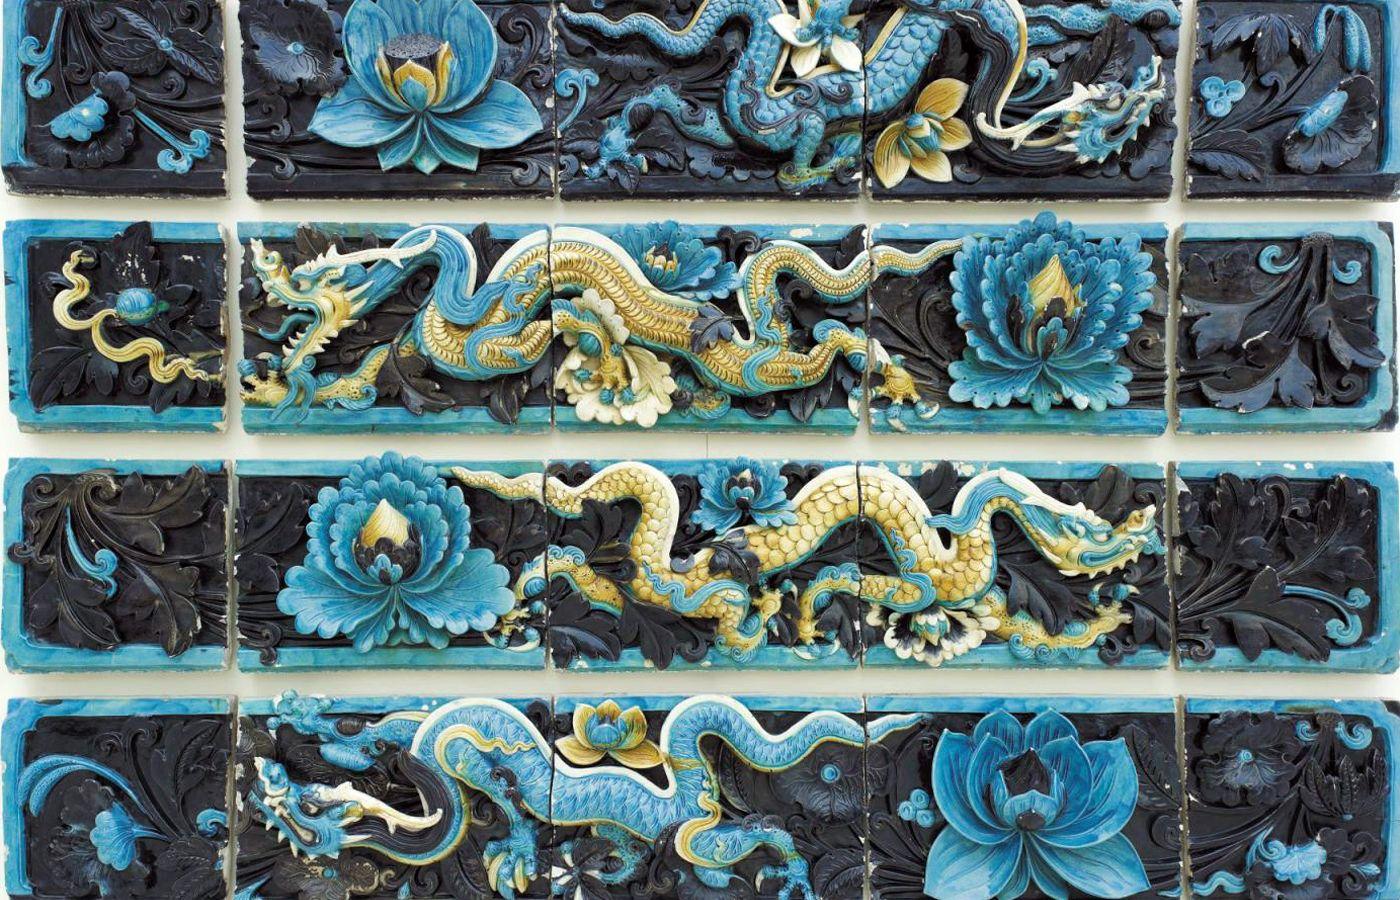 Βρετανικό Μουσείο: Διάσημα έργα τέχνης διαθέσιμα online